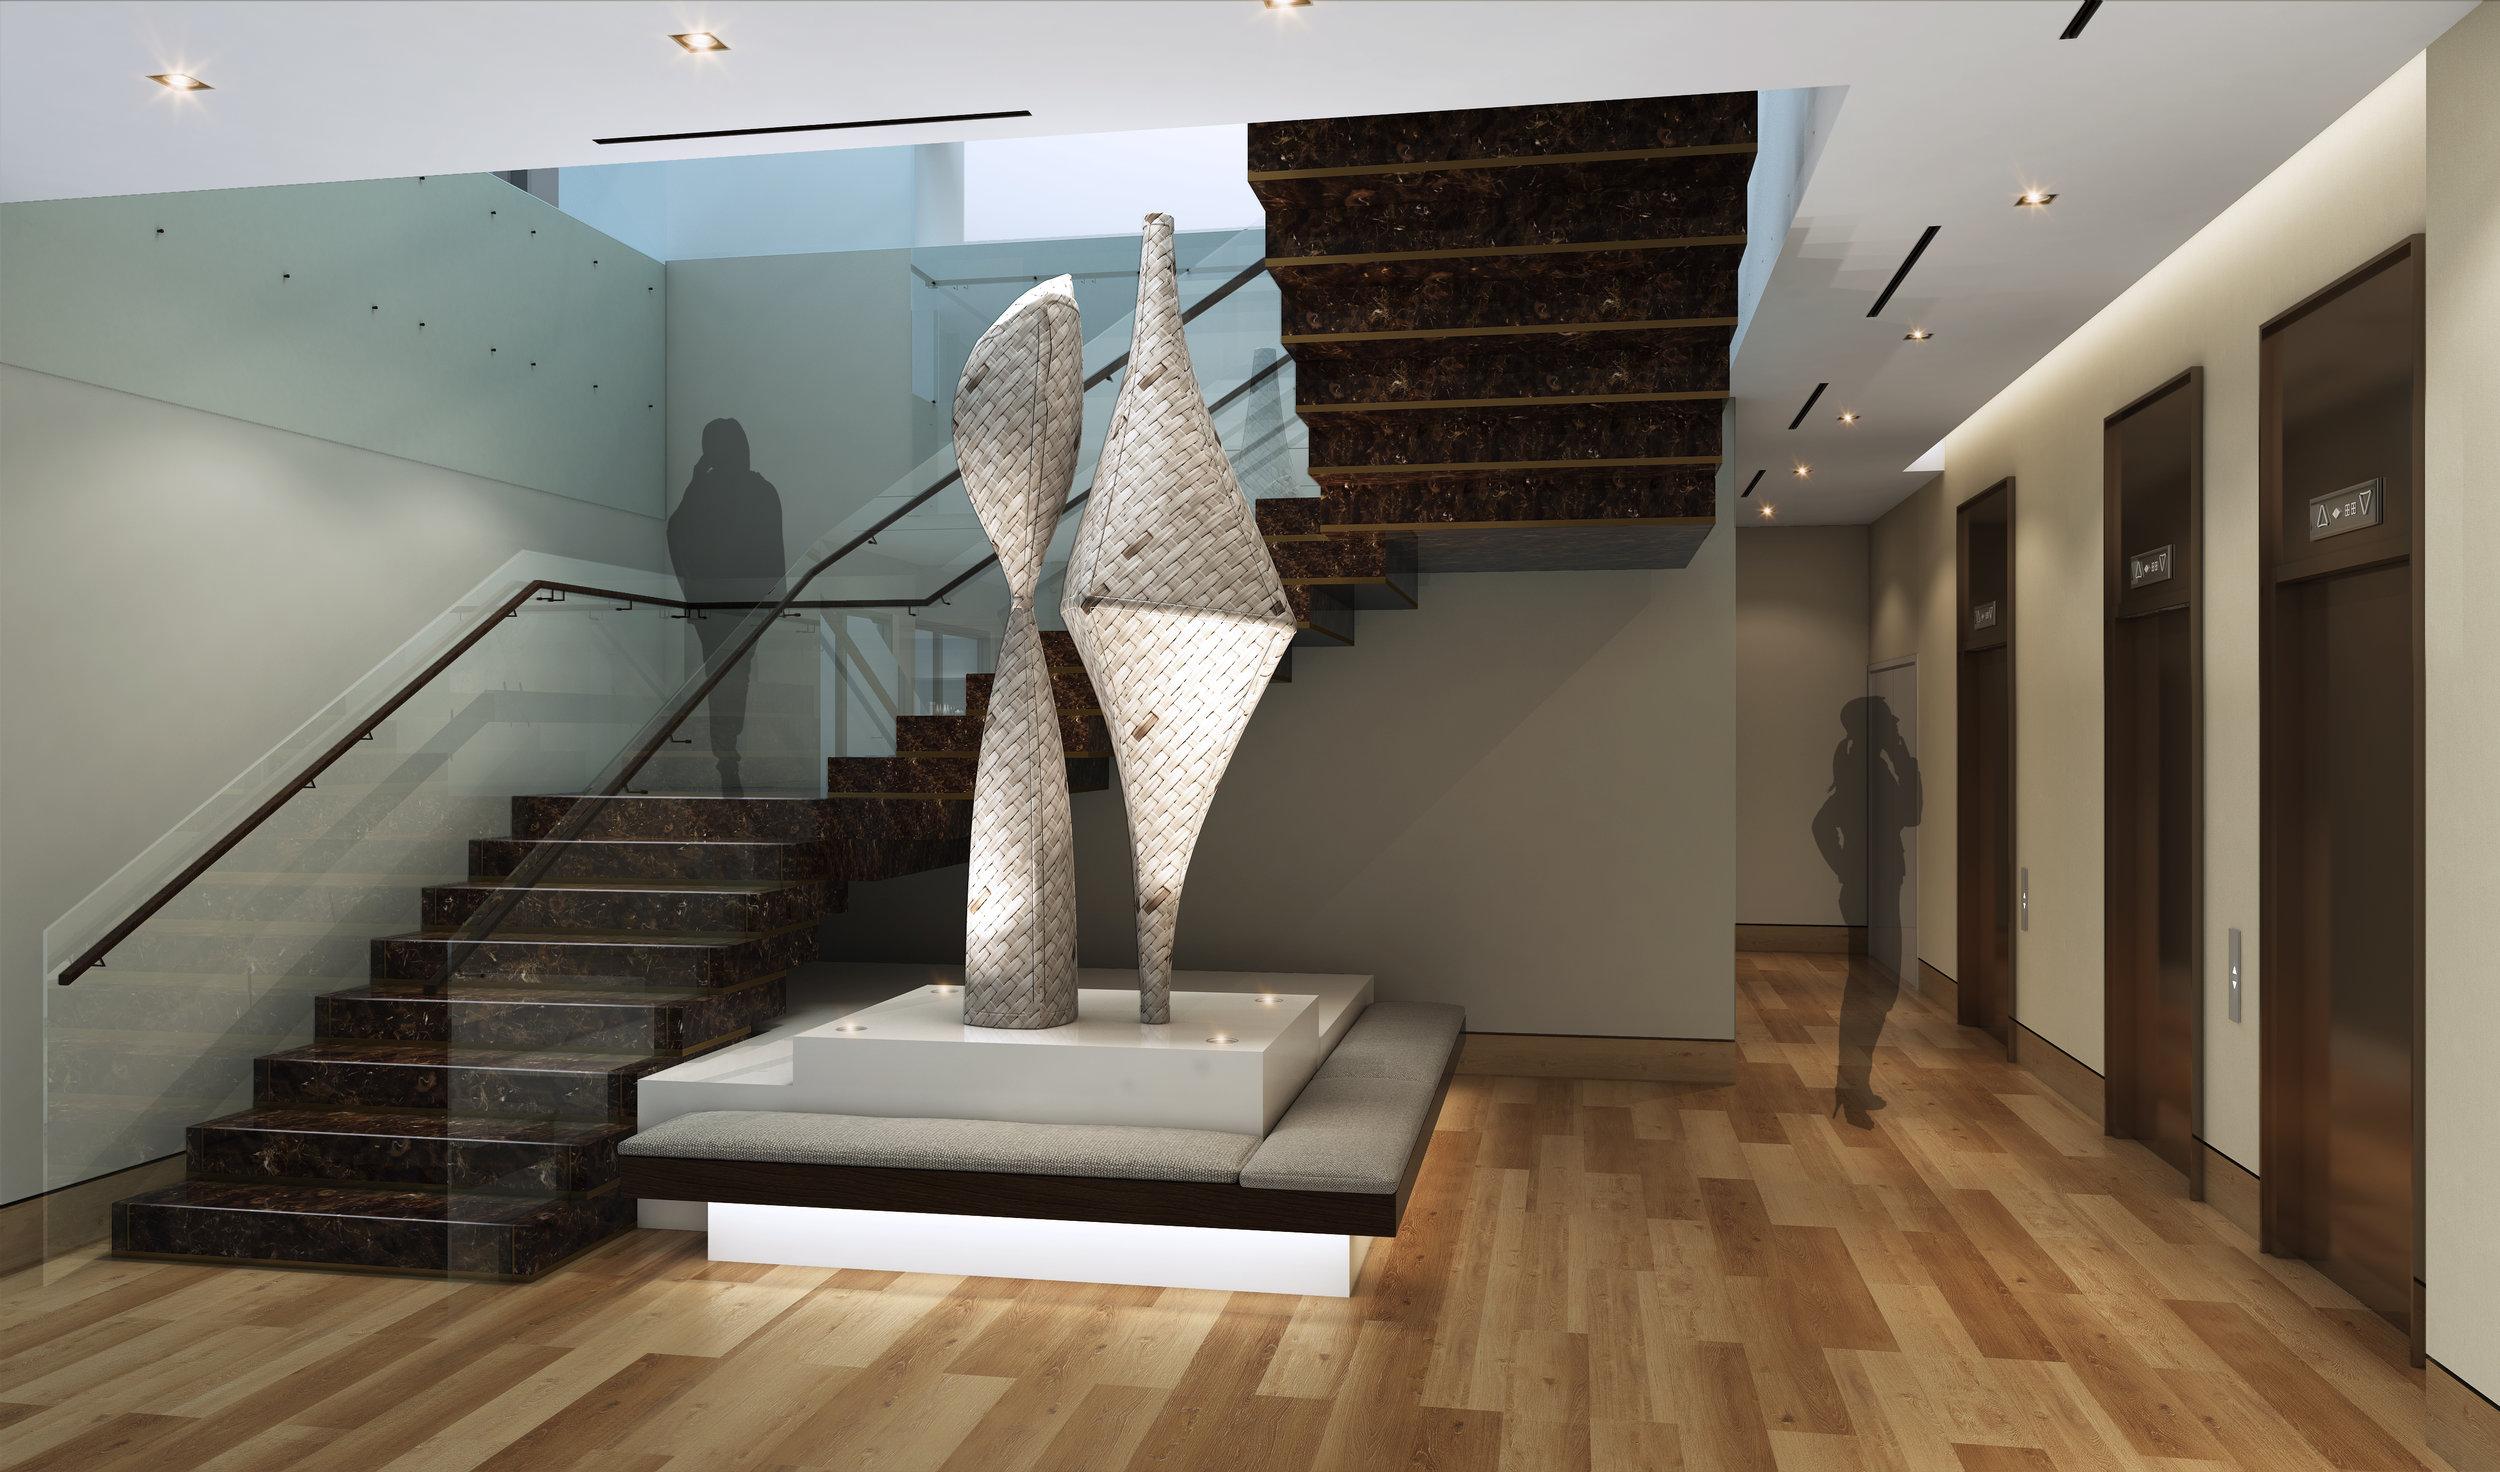 stair-c1.jpg